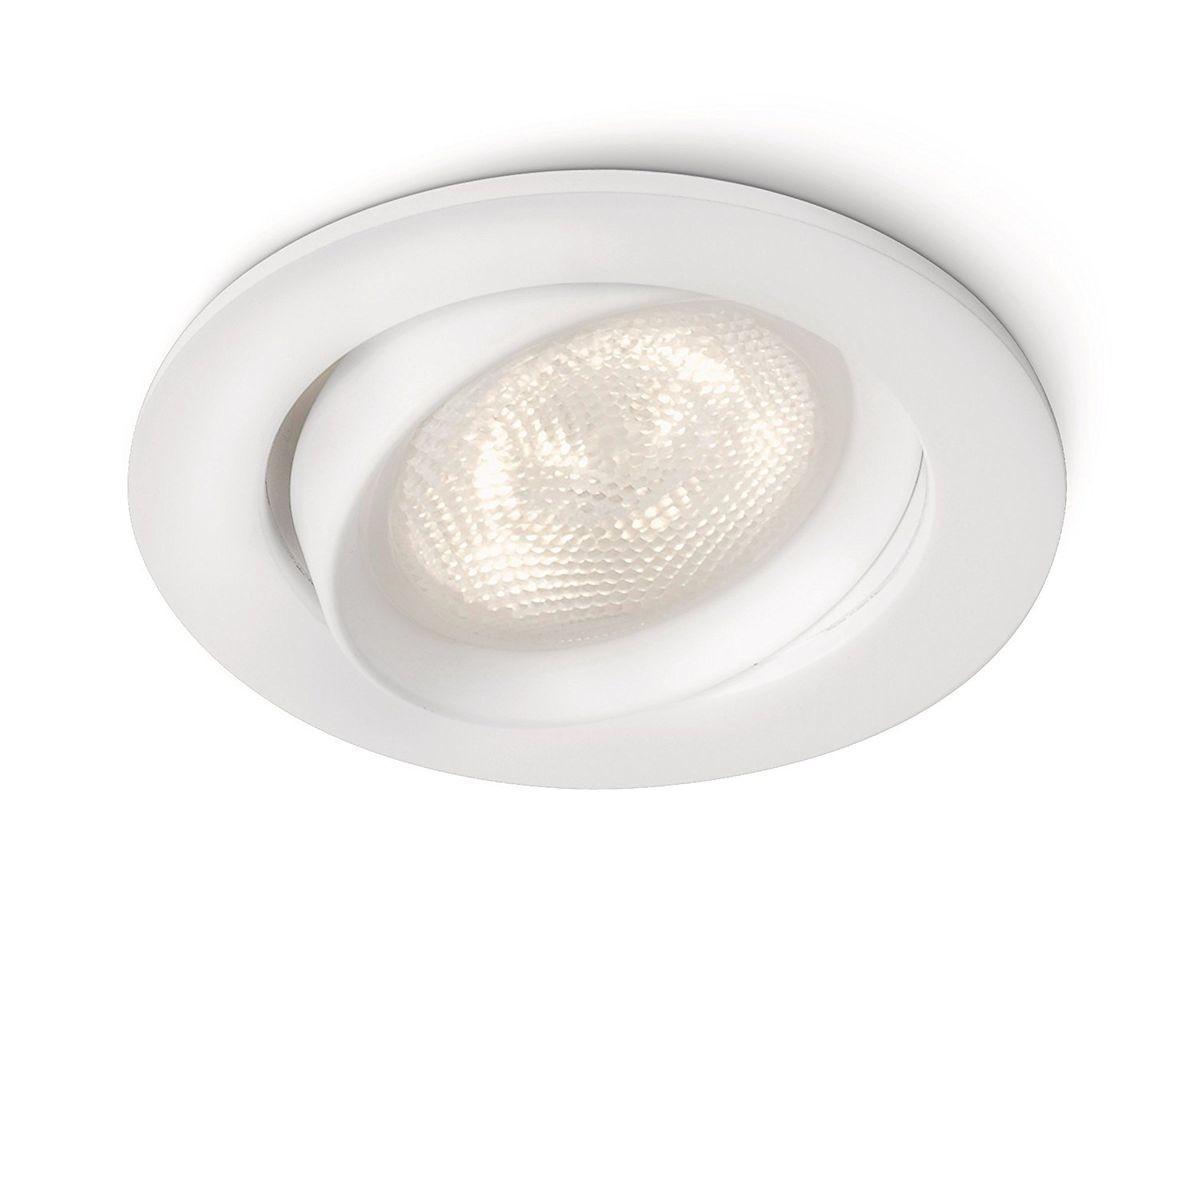 Basse Tension Salle De Bain philips - 517870 - spot encastrable led 4w - blanc - taille